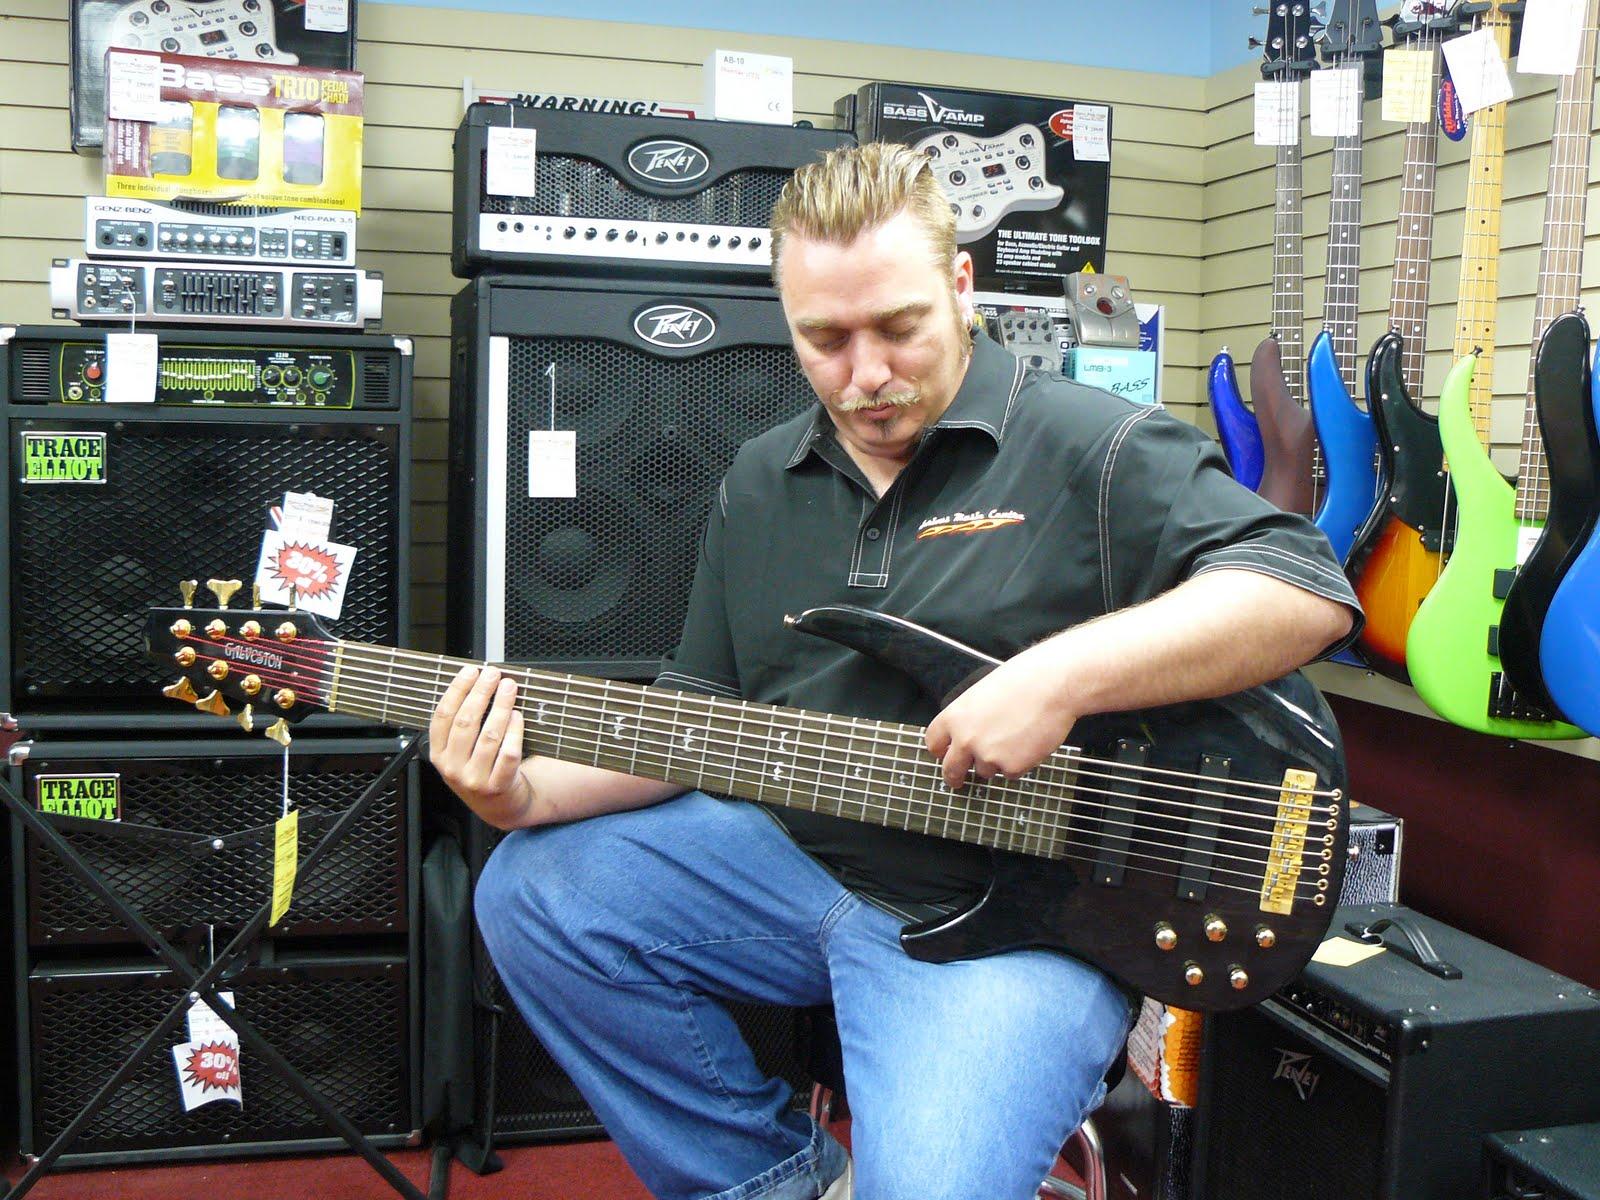 http://2.bp.blogspot.com/_mHT0mx9AeW0/S_LjiYF48aI/AAAAAAAAAow/33Ysq3DBX8k/s1600/Galveston+8-string+bass+guitar.jpg